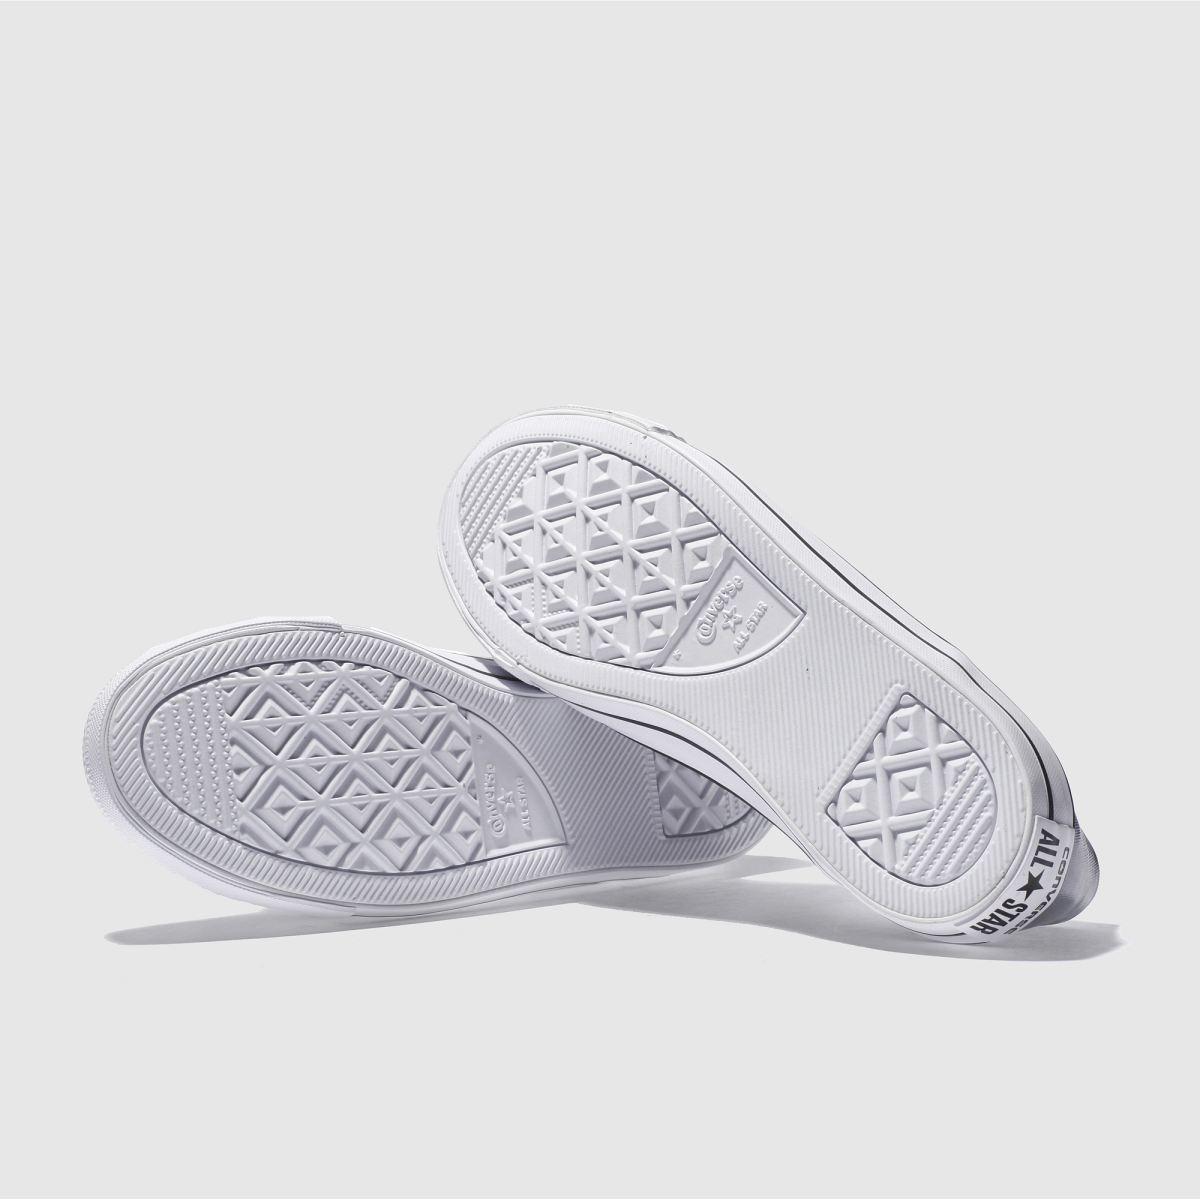 Damen Silber converse Coral Iridescent Ox Sneaker | Schuhe schuh Gute Qualität beliebte Schuhe | 1e6392